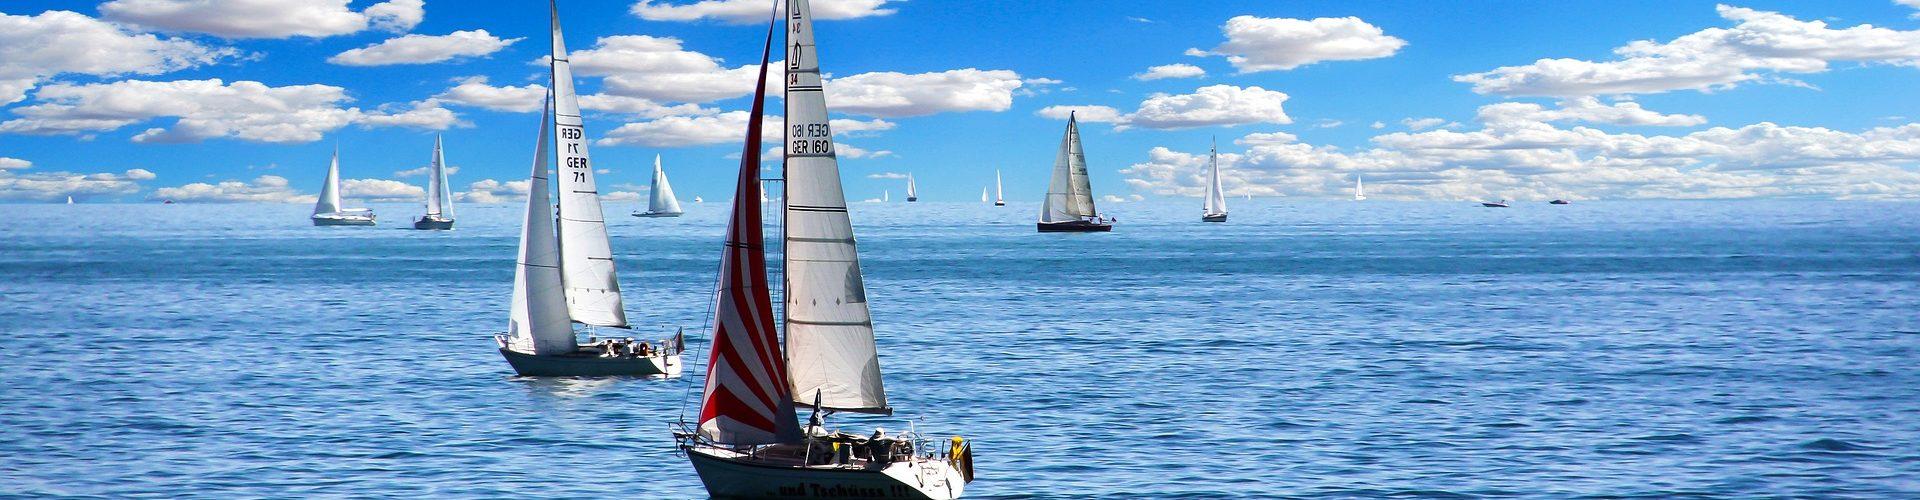 segeln lernen in Bocholt segelschein machen in Bocholt 1920x500 - Segeln lernen in Bocholt